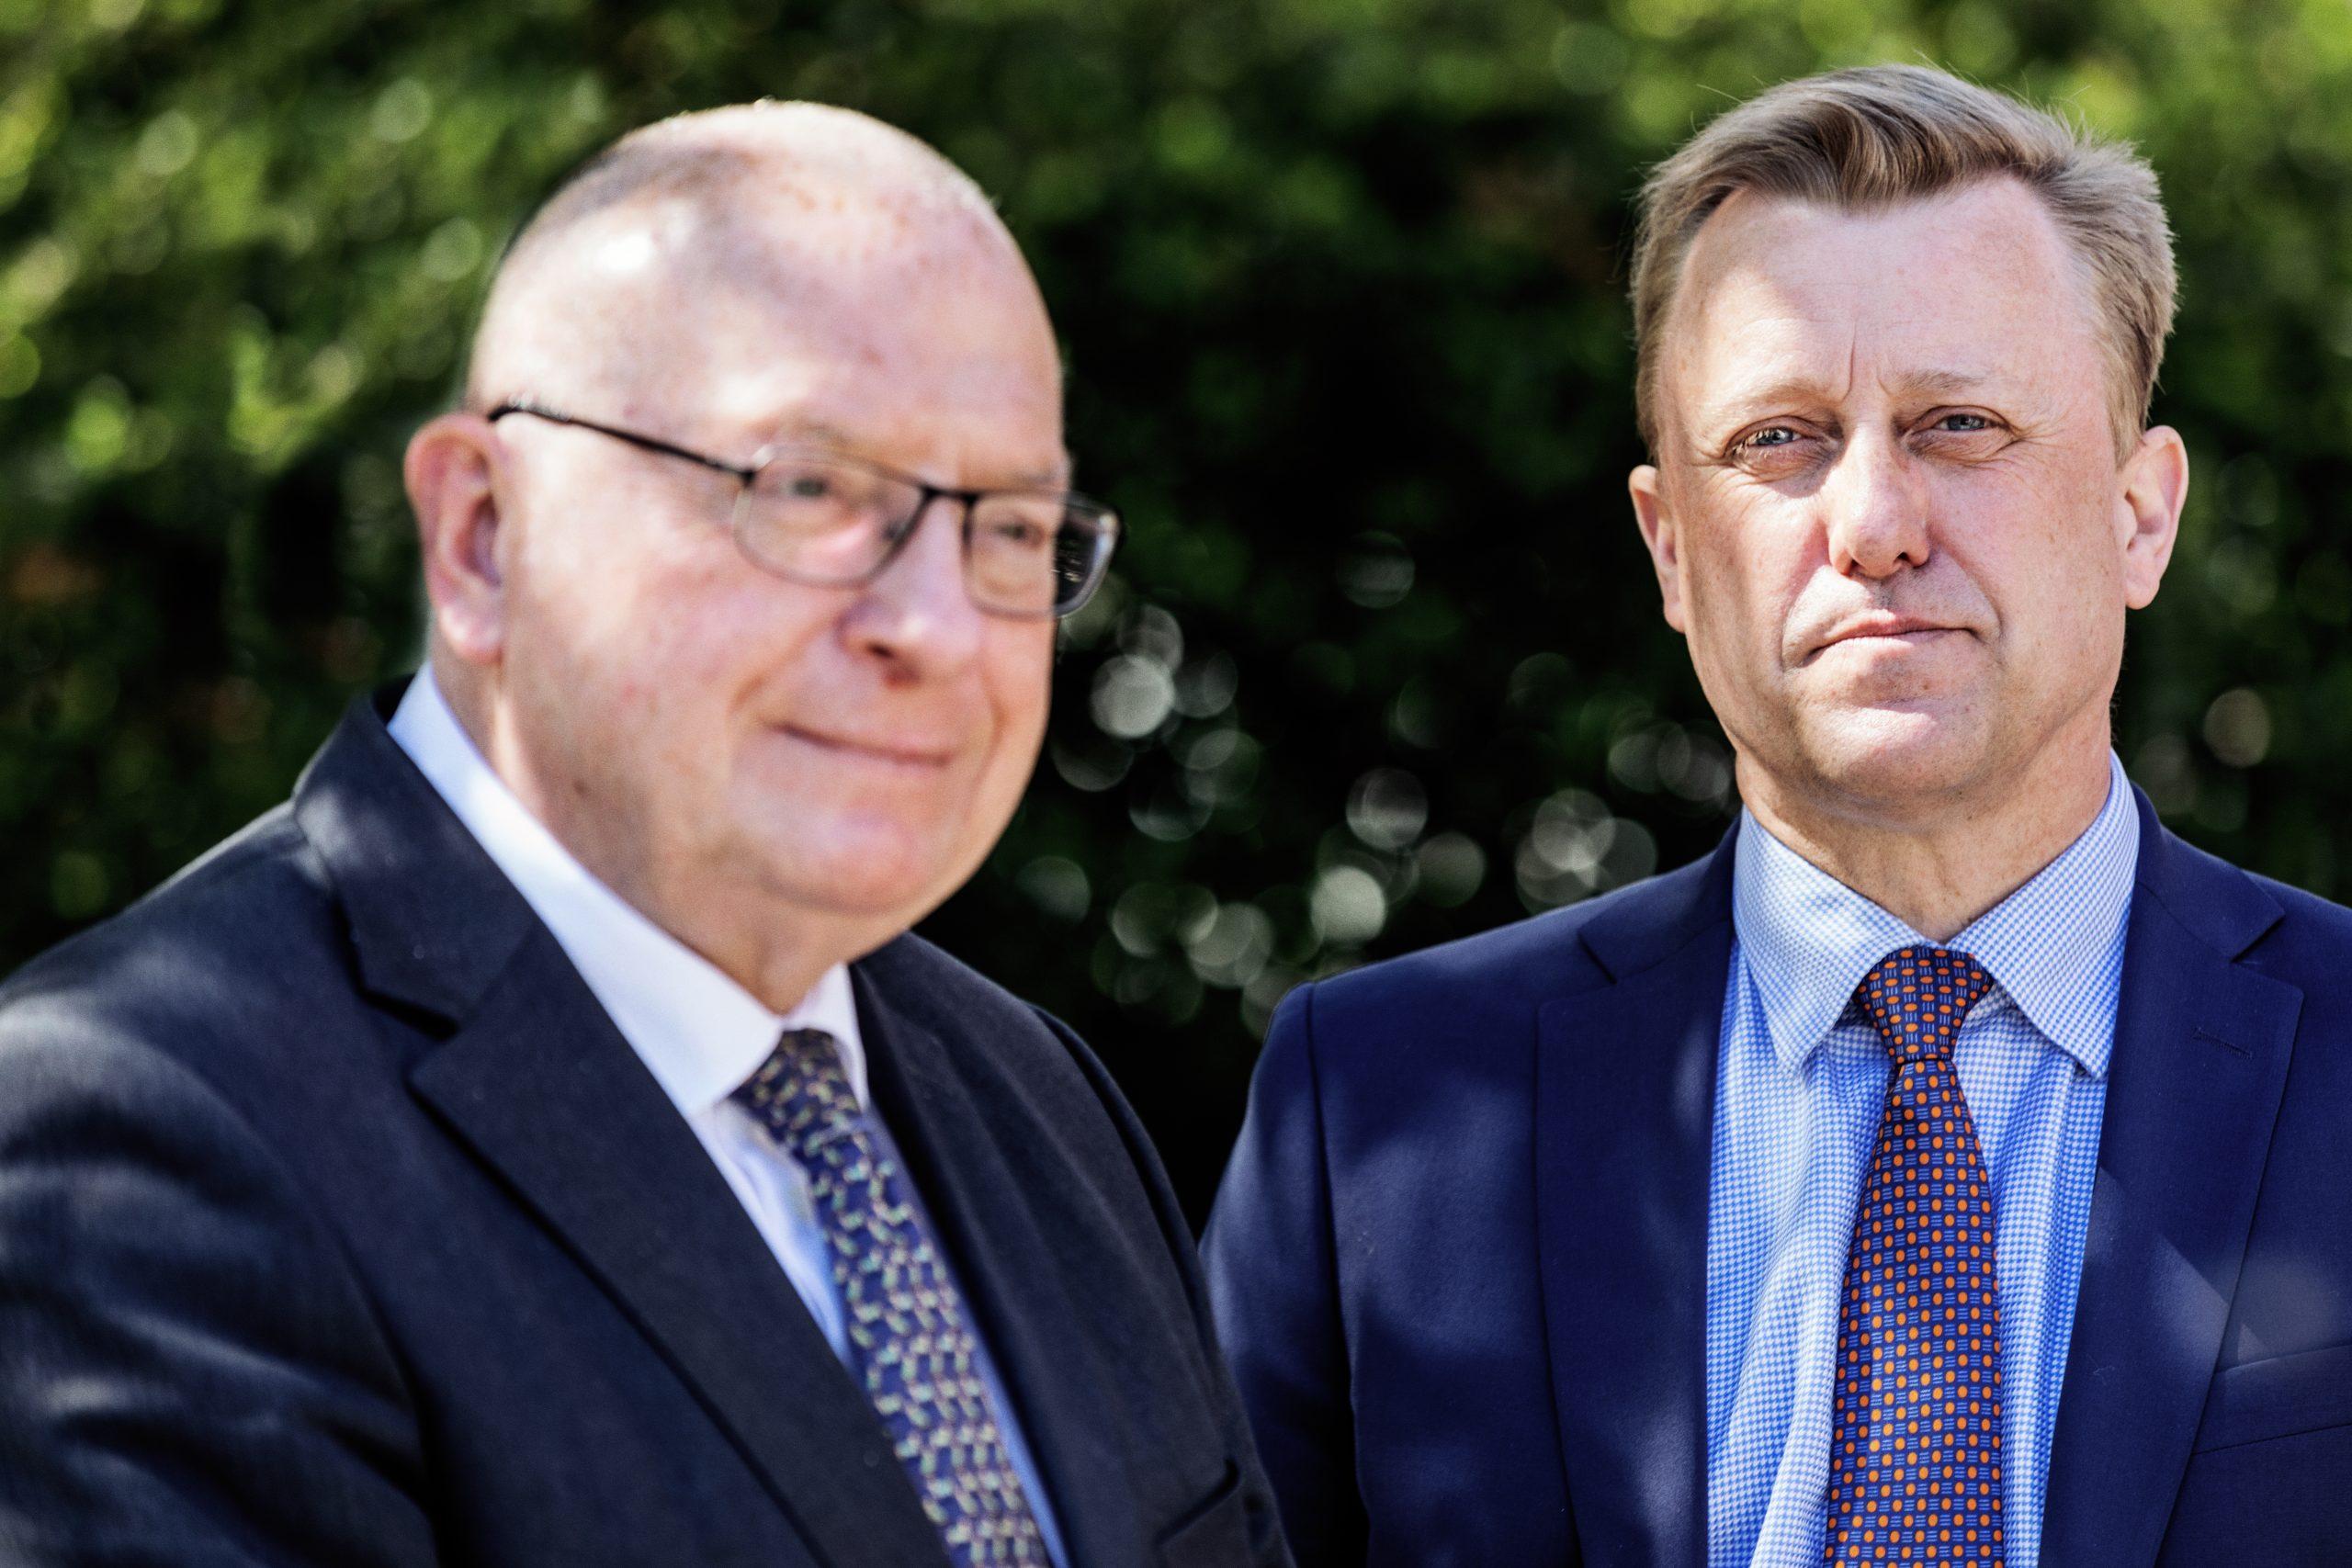 Jens Zimmer Christensen, til venstre, takkede torsdag af som formand for HORESTA's to bestyrelser, og blev afløst af Jan Vinther Laursen. Foto: HORESTA.